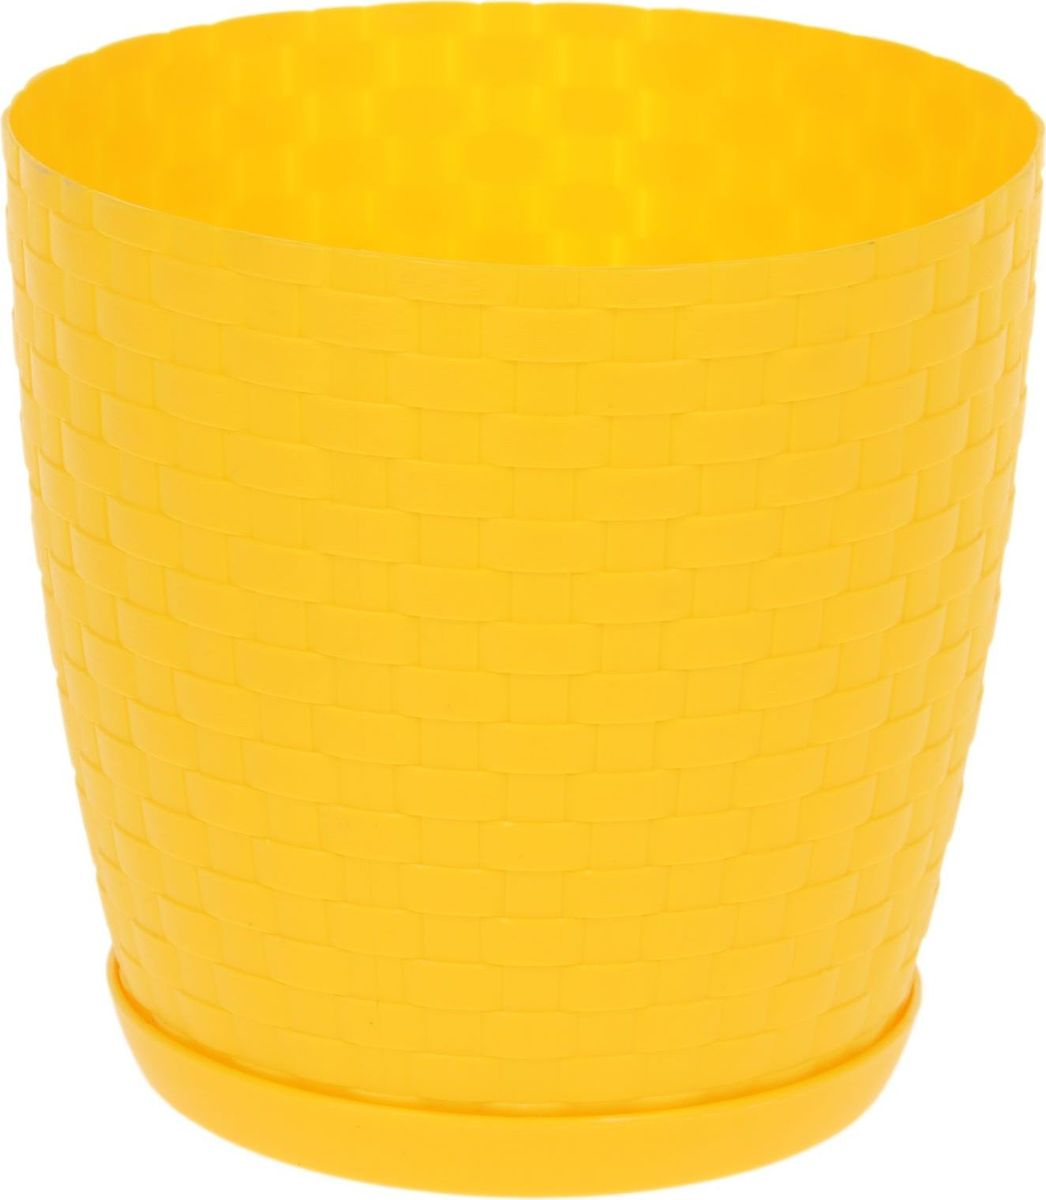 Горшок для цветов Петропласт Ротанг, с поддоном, цвет: желтый, 2 л531-105Любой, даже самый современный и продуманный интерьер будет не завершённым без растений. Они не только очищают воздух и насыщают его кислородом, но и заметно украшают окружающее пространство. Такому полезному члену семьи просто необходимо красивое и функциональное кашпо, оригинальный горшок или необычная ваза! Мы предлагаем - Горшок для цветов 2 л с поддоном Ротанг, цвет желтый! Оптимальный выбор материала пластмасса! Почему мы так считаем? -Малый вес. С лёгкостью переносите горшки и кашпо с места на место, ставьте их на столики или полки, подвешивайте под потолок, не беспокоясь о нагрузке. -Простота ухода. Пластиковые изделия не нуждаются в специальных условиях хранения. Их легко чистить достаточно просто сполоснуть тёплой водой. -Никаких царапин. Пластиковые кашпо не царапают и не загрязняют поверхности, на которых стоят. -Пластик дольше хранит влагу, а значит растение реже нуждается в поливе. -Пластмасса не пропускает воздух корневой системе растения не грозят резкие перепады температур. -Огромный выбор форм, декора и расцветок вы без труда подберёте что-то, что идеально впишется в уже существующий интерьер. Соблюдая нехитрые правила ухода, вы можете заметно продлить срок службы горшков, вазонов и кашпо из пластика: -всегда учитывайте размер кроны и корневой системы растения (при разрастании большое растение способно повредить маленький горшок)-берегите изделие от воздействия прямых солнечных лучей, чтобы кашпо и горшки не выцветали-держите кашпо и горшки из пластика подальше от нагревающихся поверхностей. Создавайте прекрасные цветочные композиции, выращивайте рассаду или необычные растения, а низкие цены позволят вам не ограничивать себя в выборе.